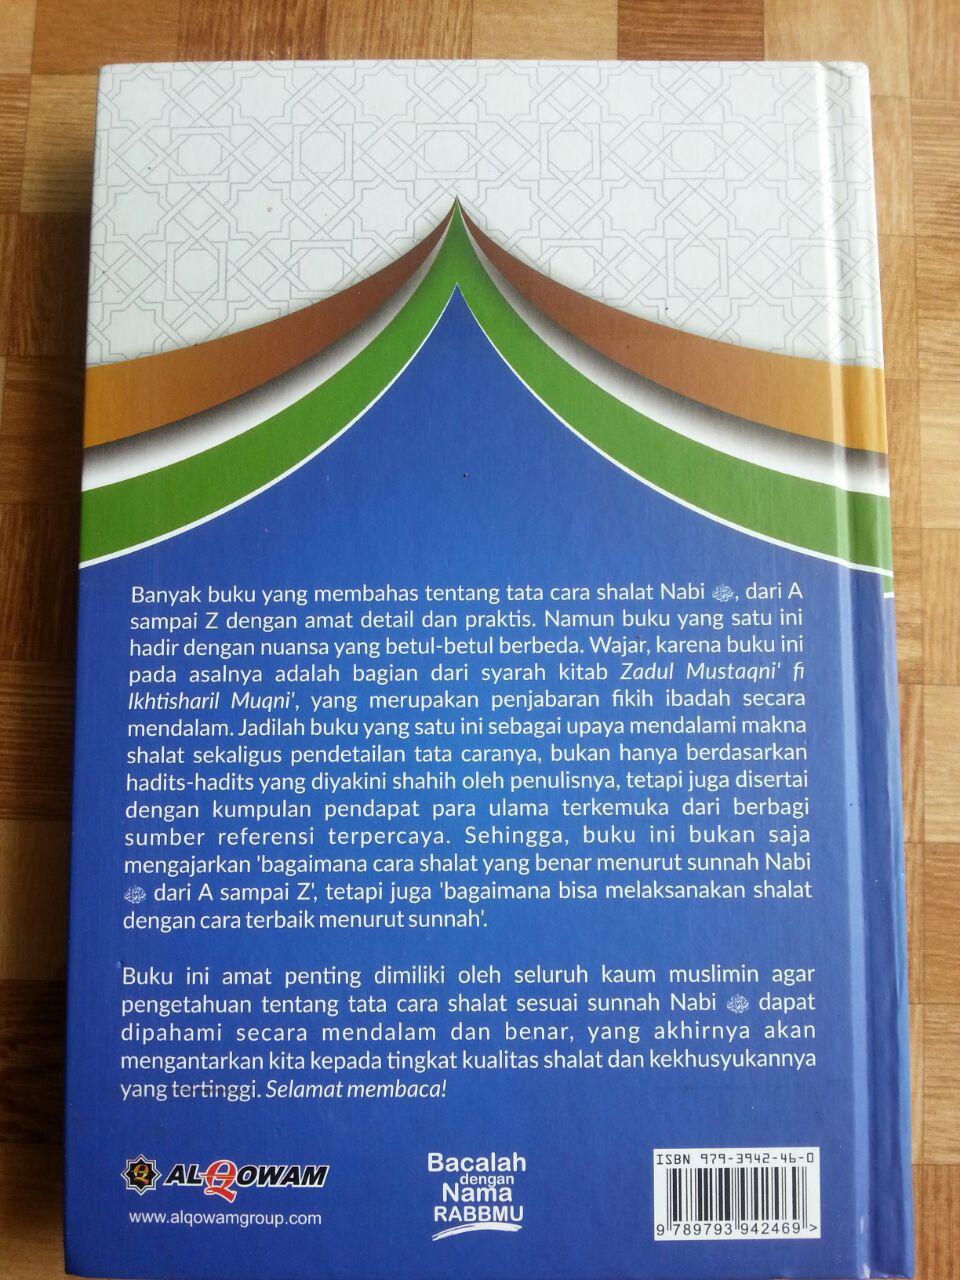 Buku Sifat Shalat Nabi Oleh Syaikh Utsaimin cover